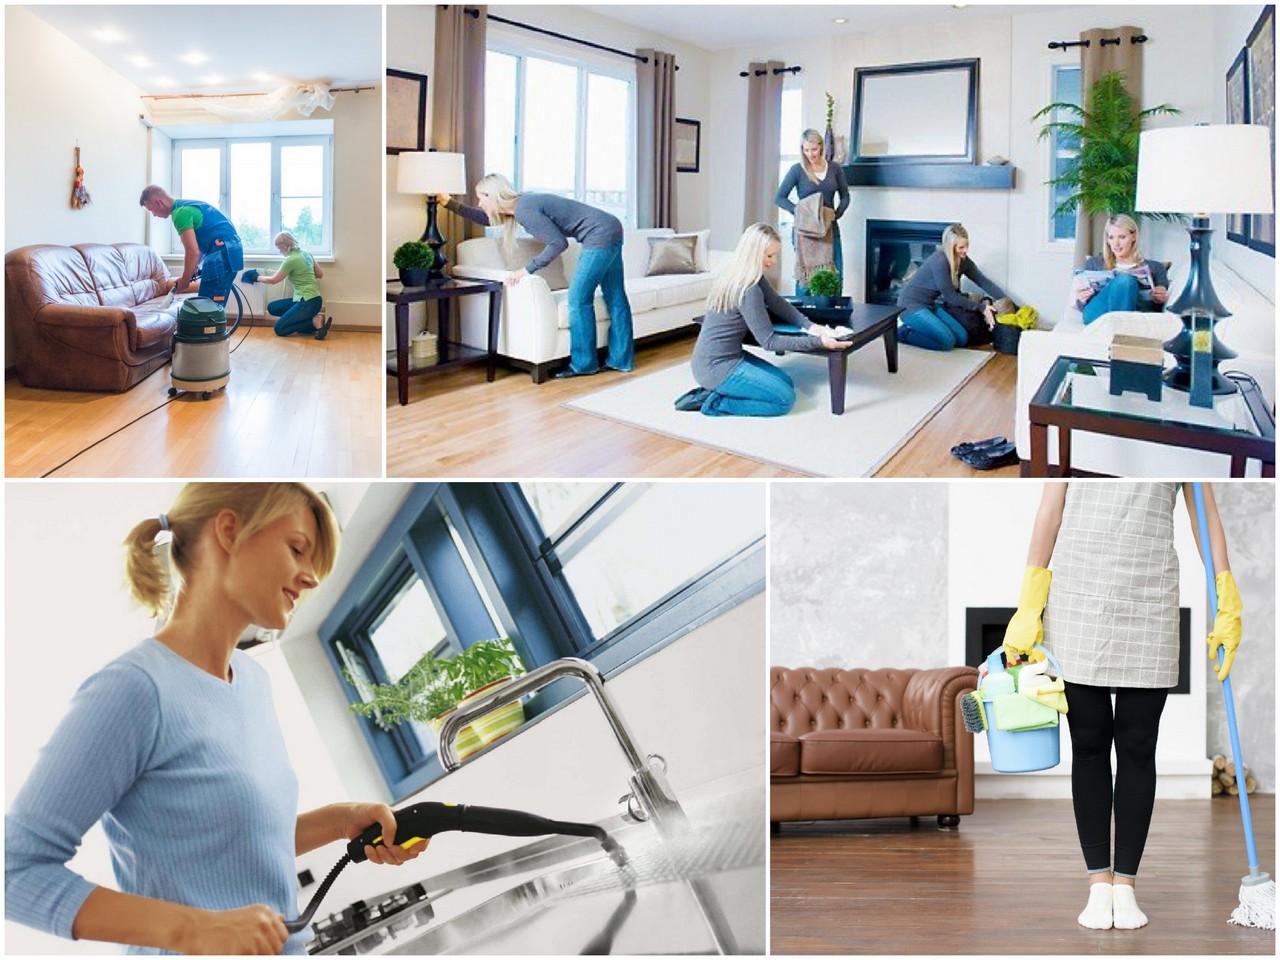 откладывание большой уборки квартиры до весны